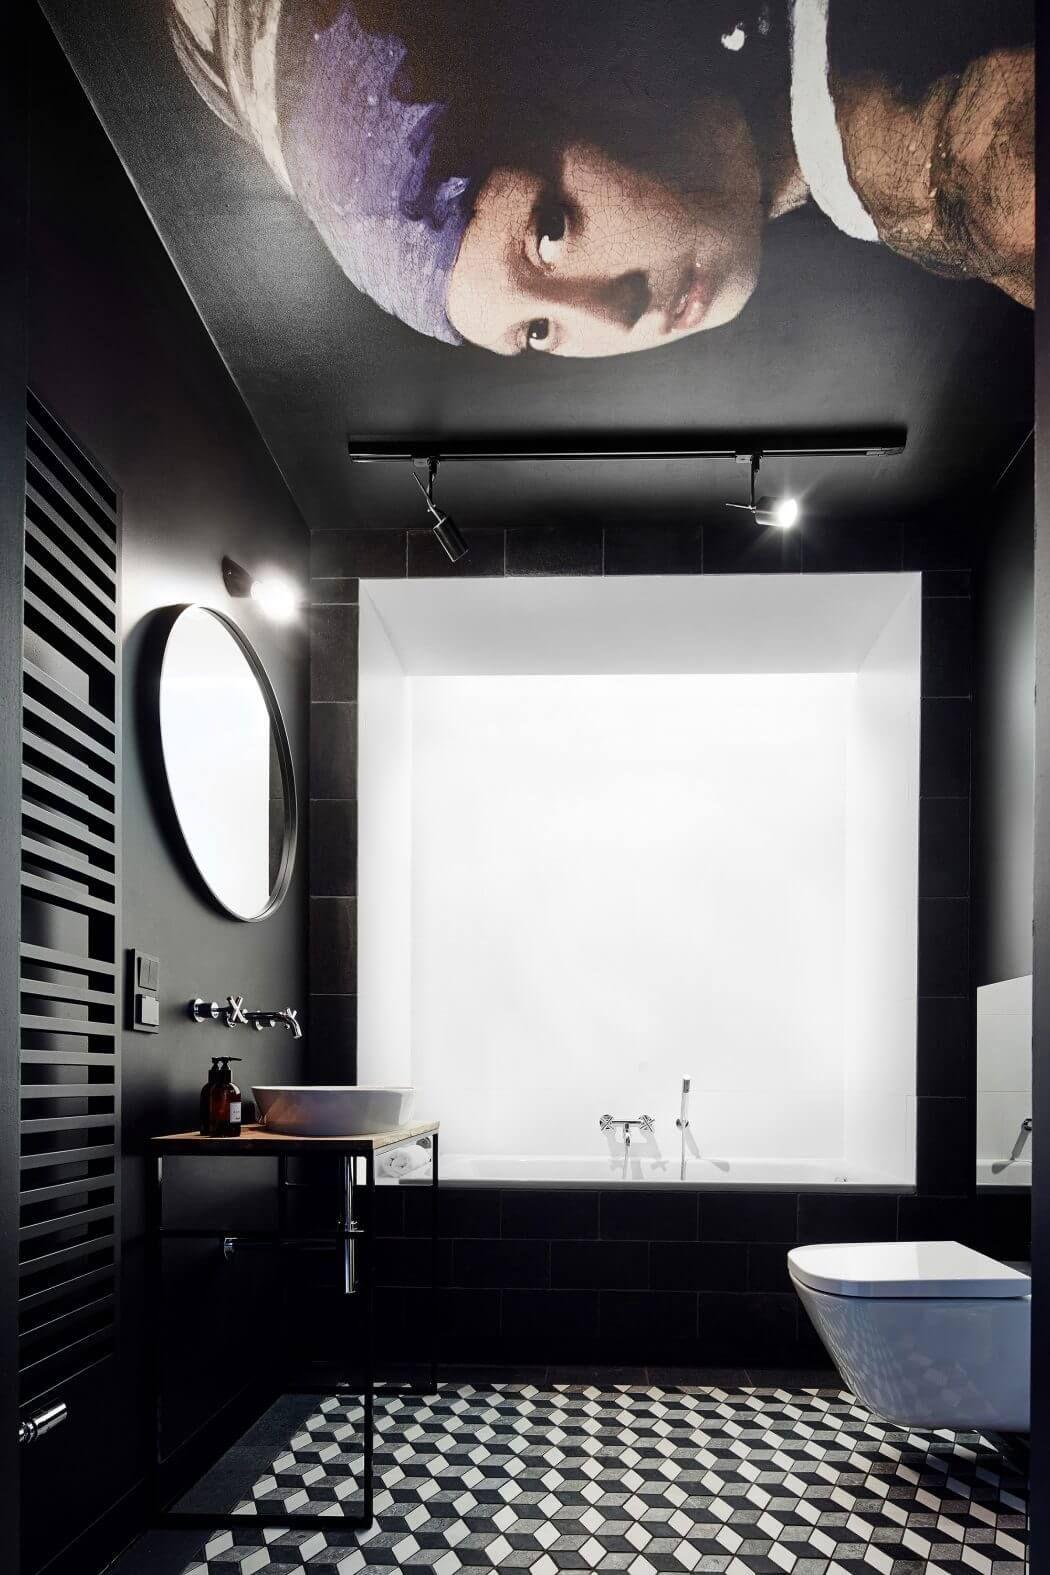 Une Salle De Bain De Luxe Design D Int Rieur D Coration Maison